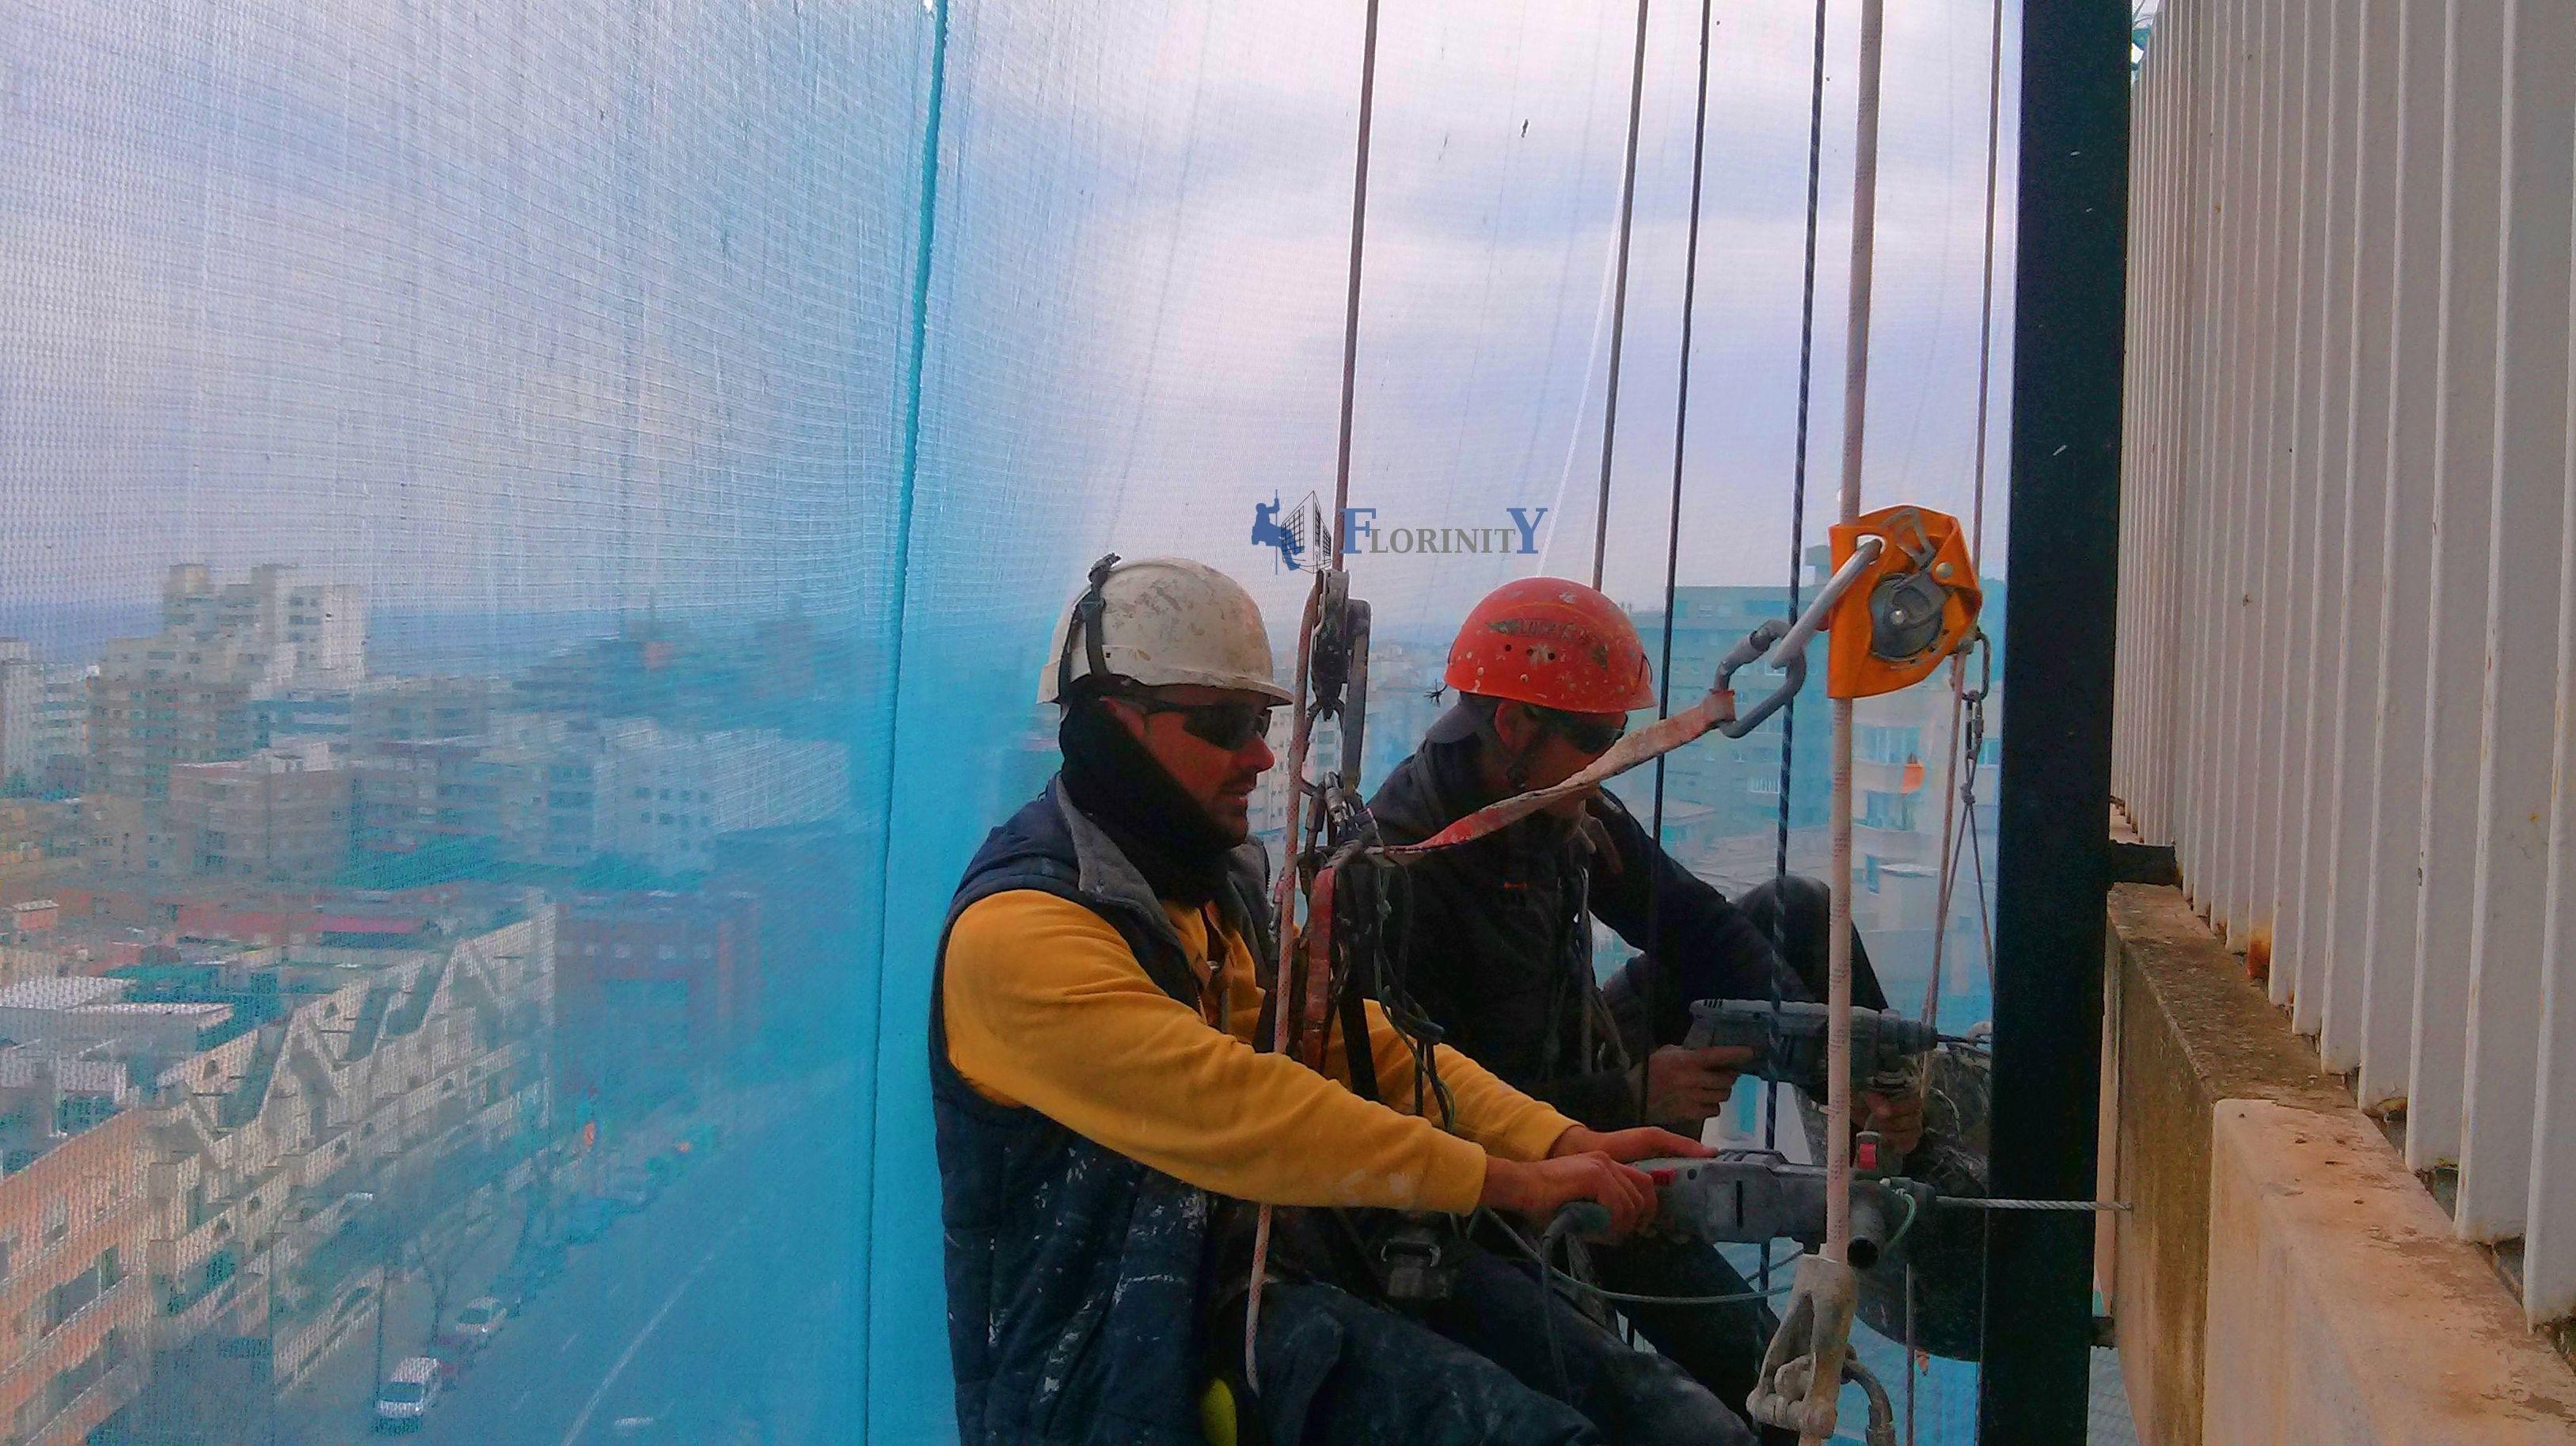 Foto 125 de Trabajos verticales en Palma de Mallorca | Trabajos Verticales Florinity